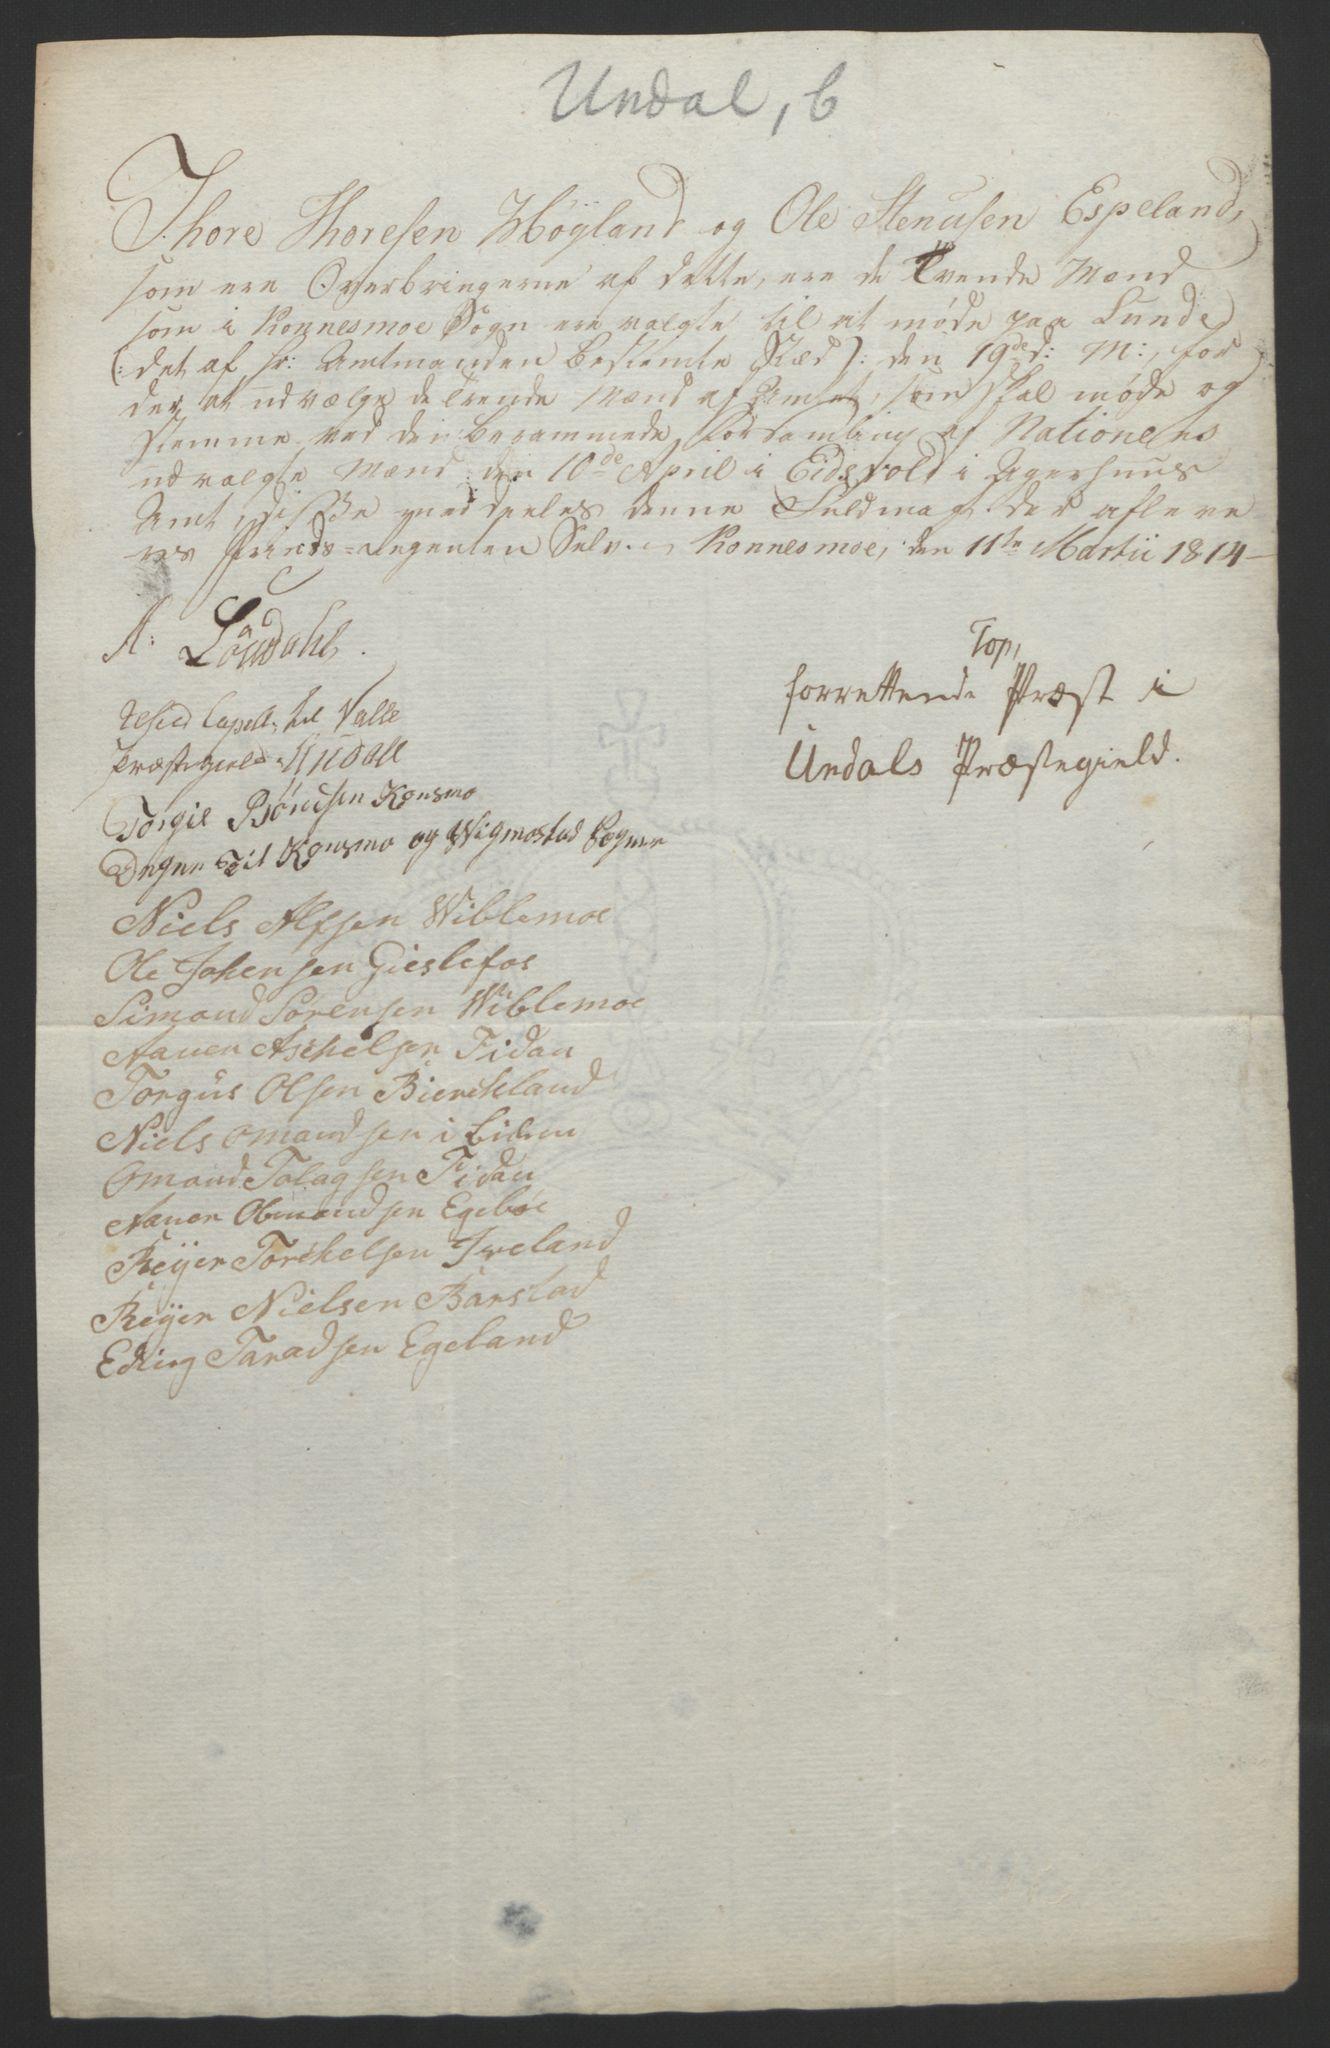 RA, Statsrådssekretariatet, D/Db/L0008: Fullmakter for Eidsvollsrepresentantene i 1814. , 1814, s. 139